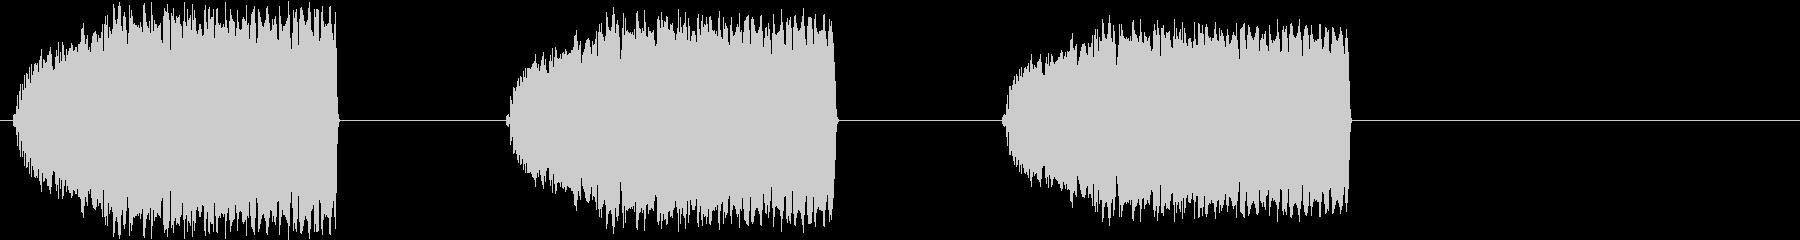 不安になるサイレン音の未再生の波形